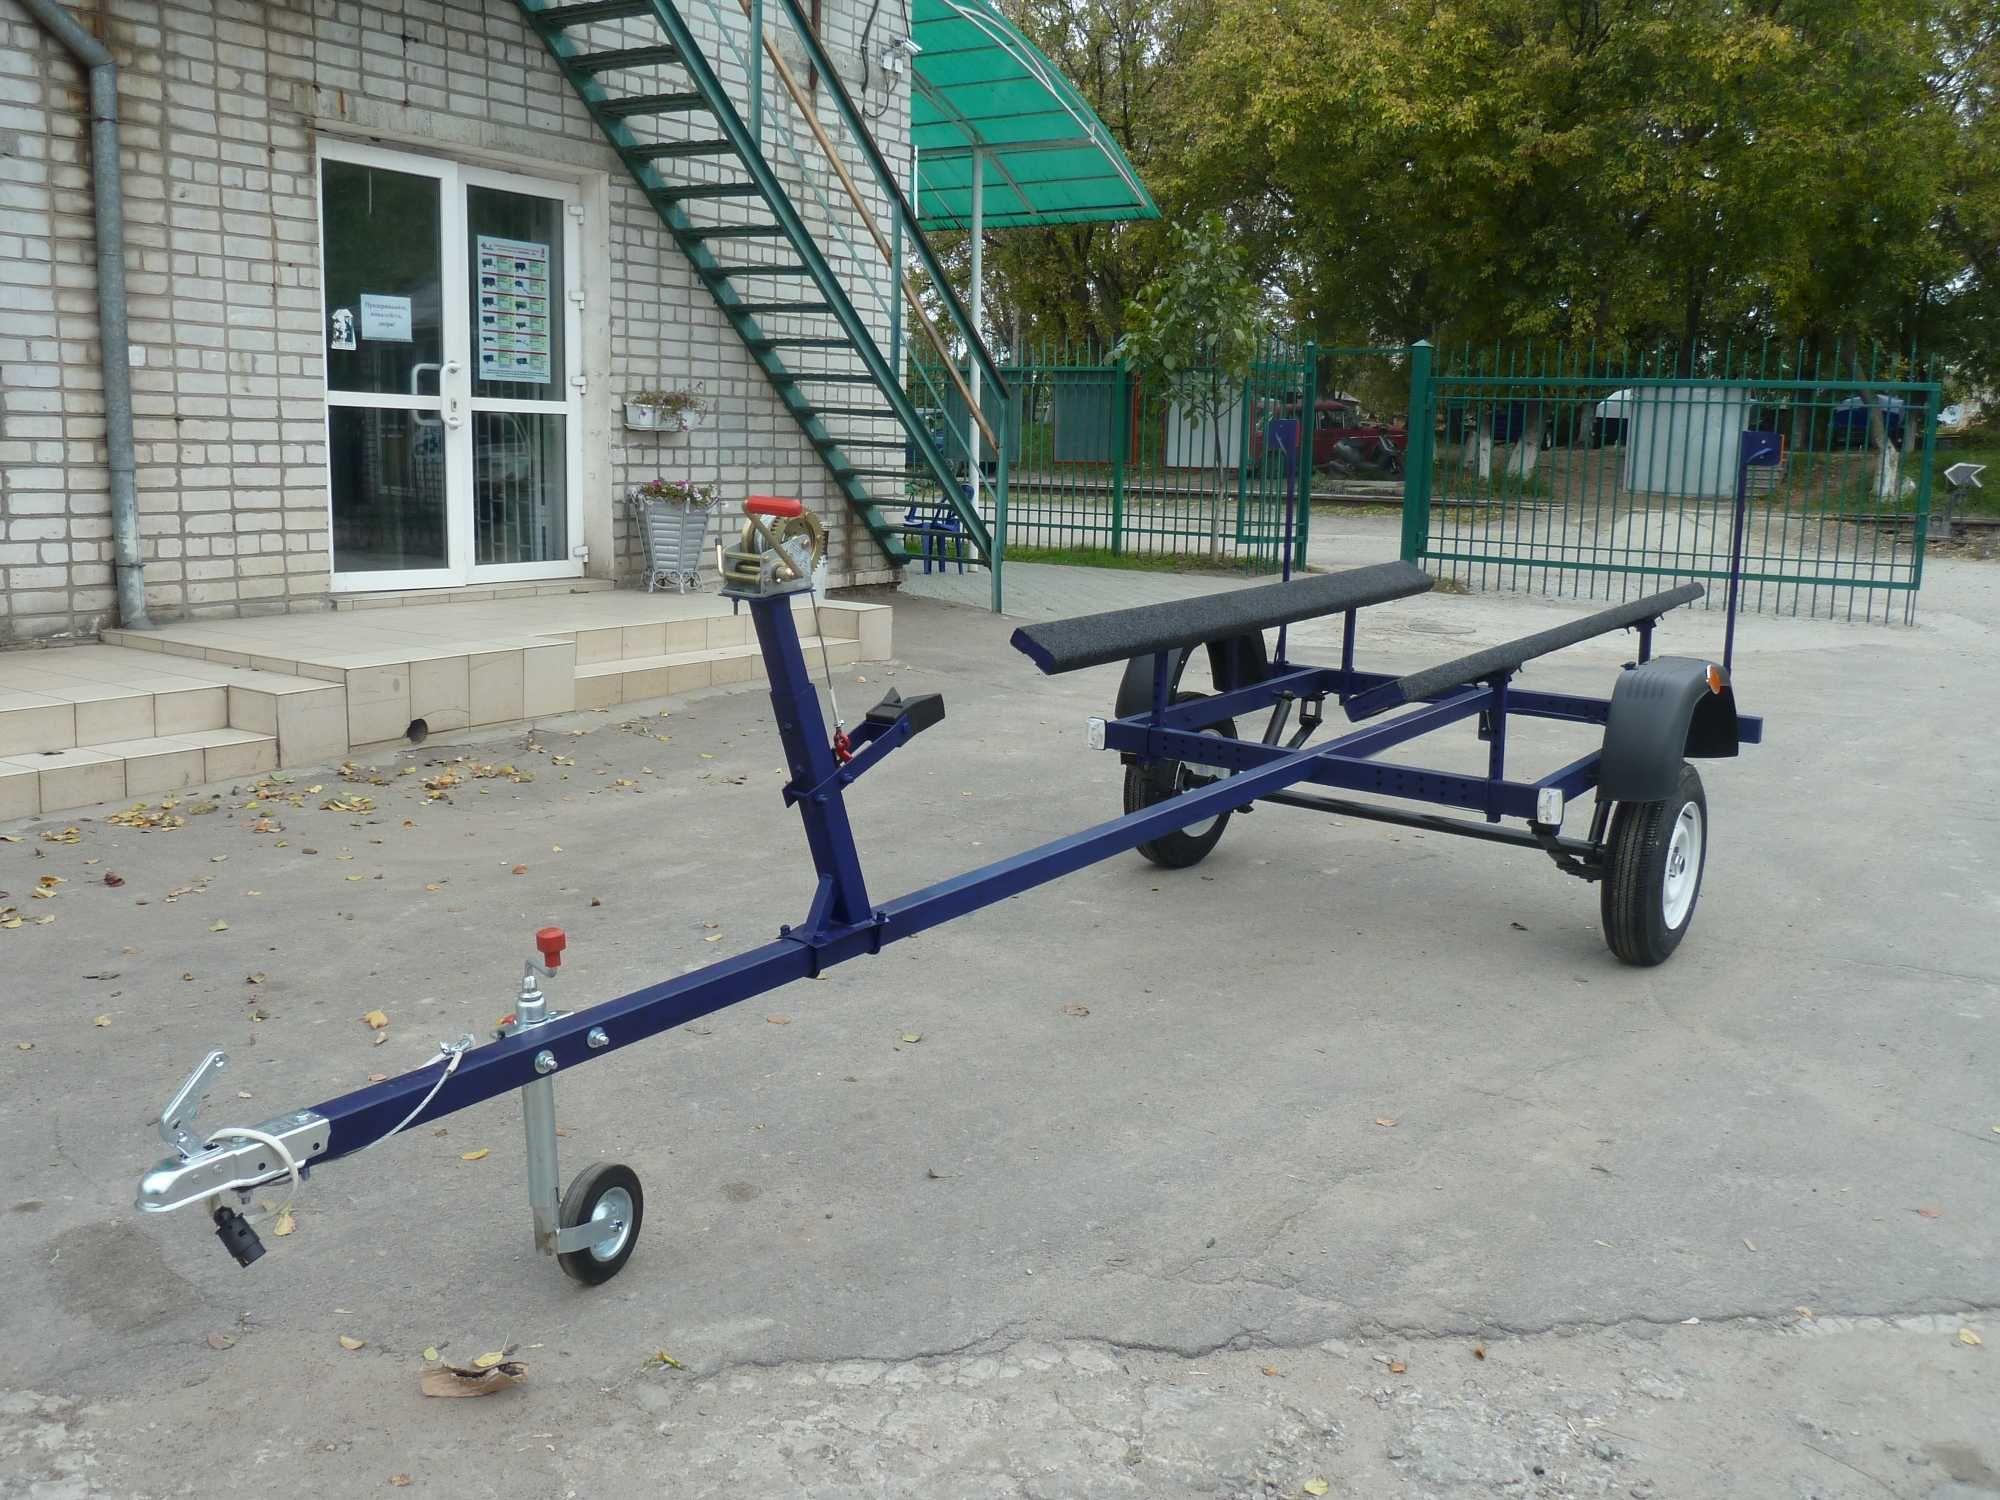 Лодочный прицеп под ЛПС, от завода!ГАРАНТИЯ 10 ЛЕТ, Рассрочка.